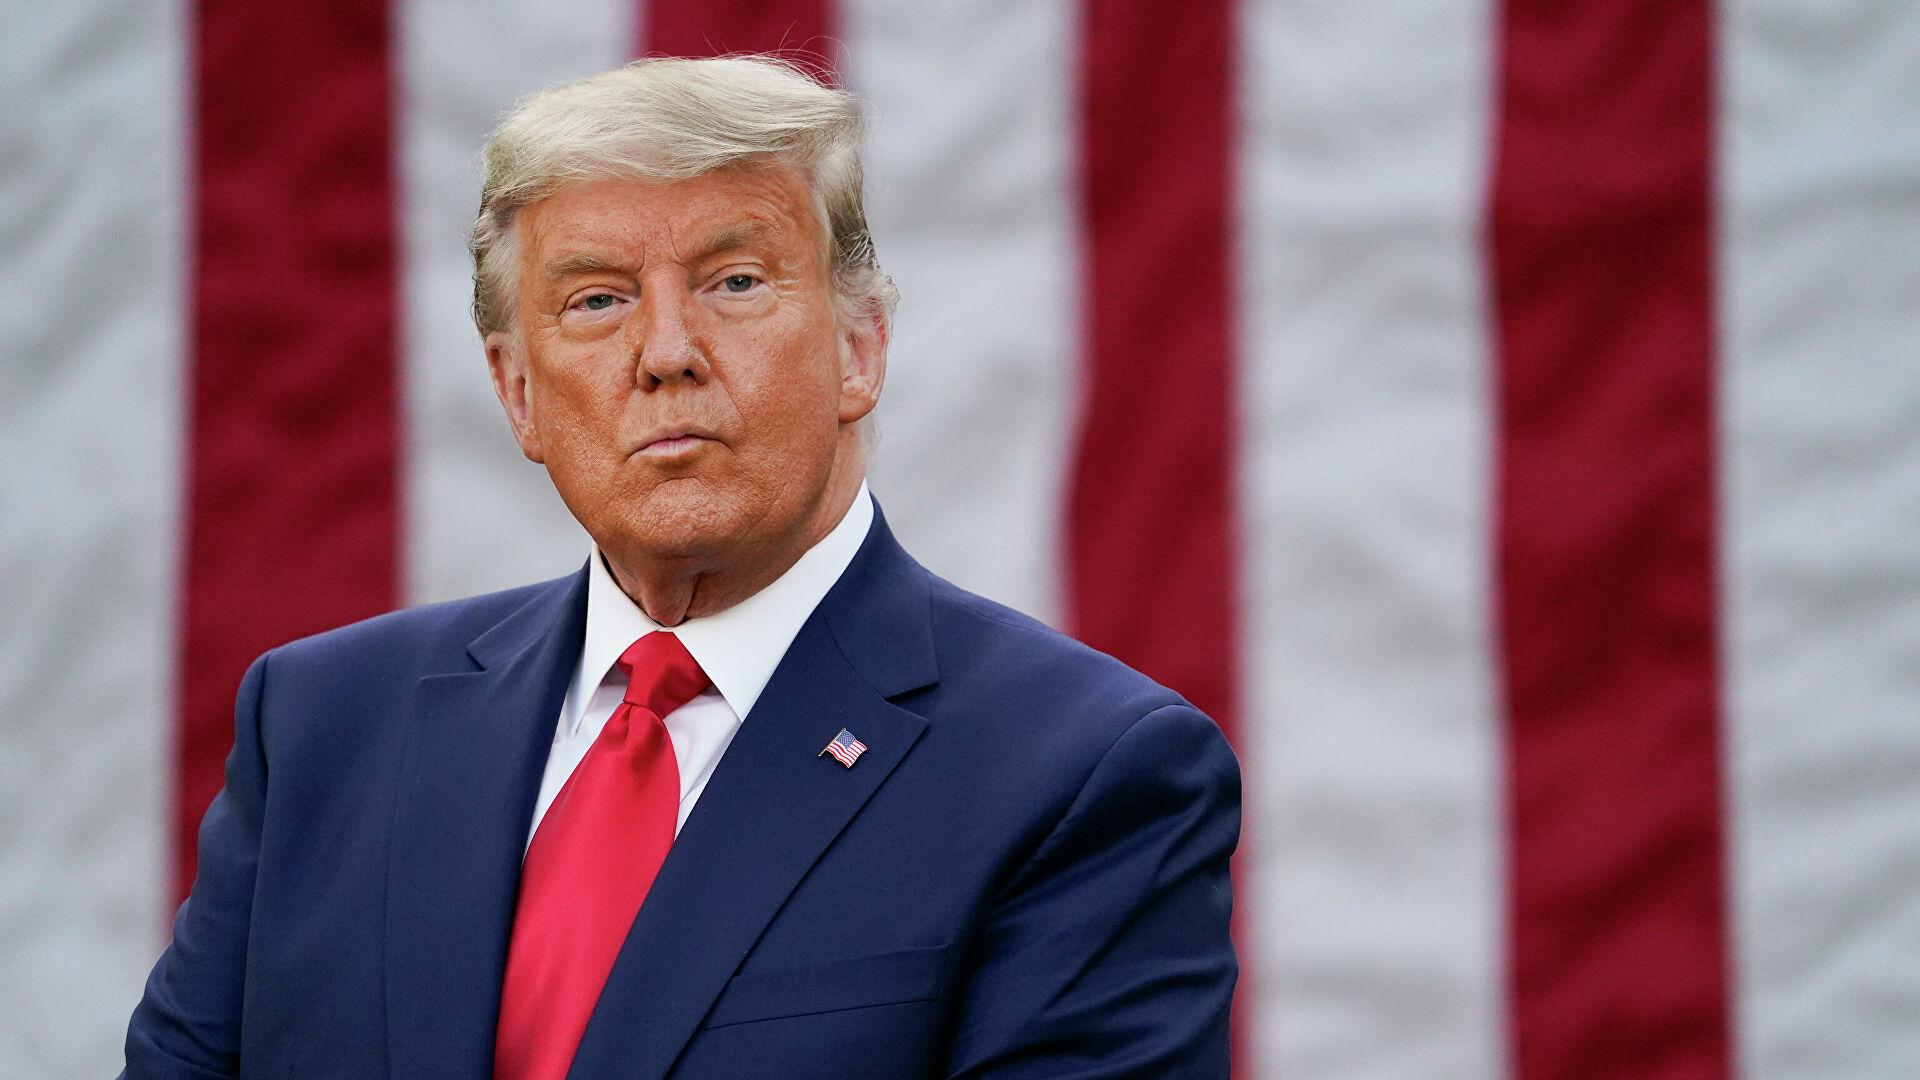 Трамп заявил о нежелании присутствовать на инаугурации Джо Байдена